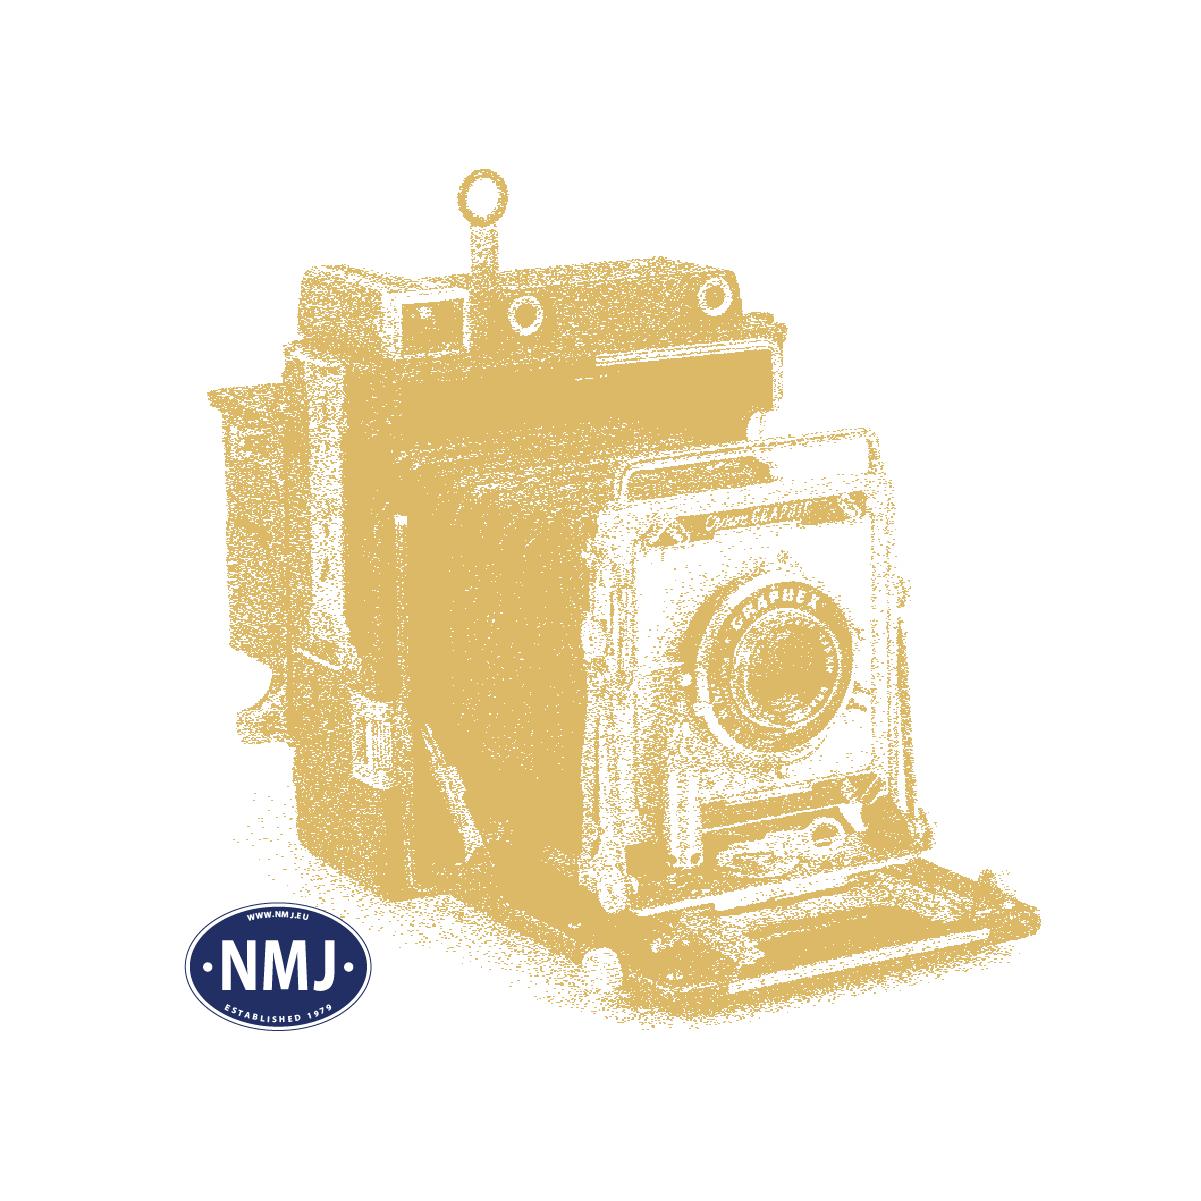 NMJH16102 - NMJ Skyline Enebolig, Trebyggesett